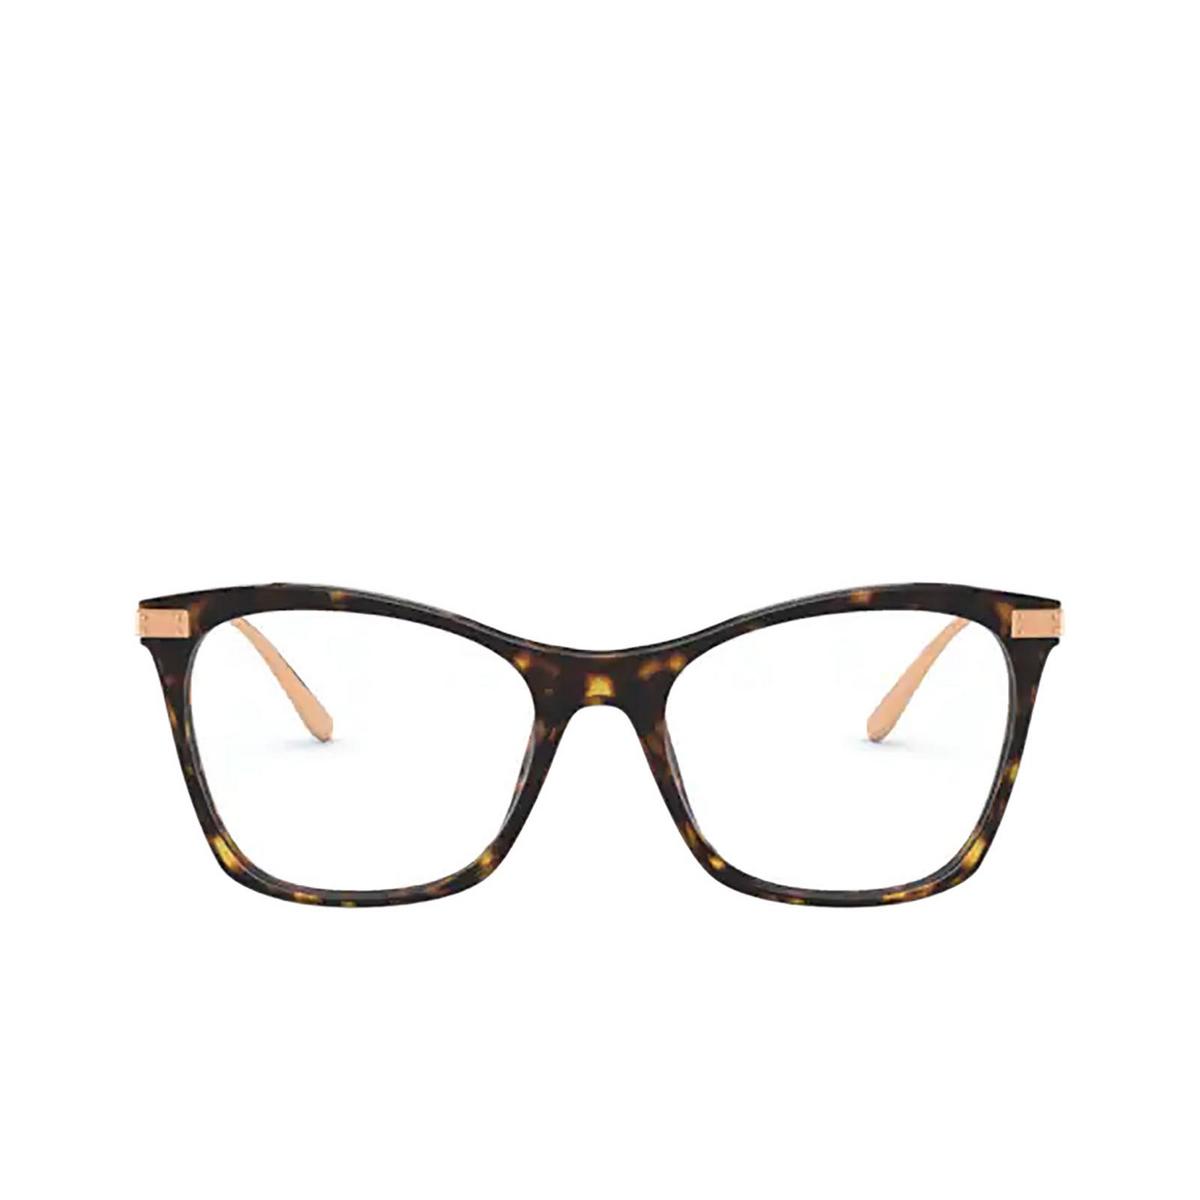 Dolce & Gabbana® Square Eyeglasses: DG3331 color Havana 502 - front view.